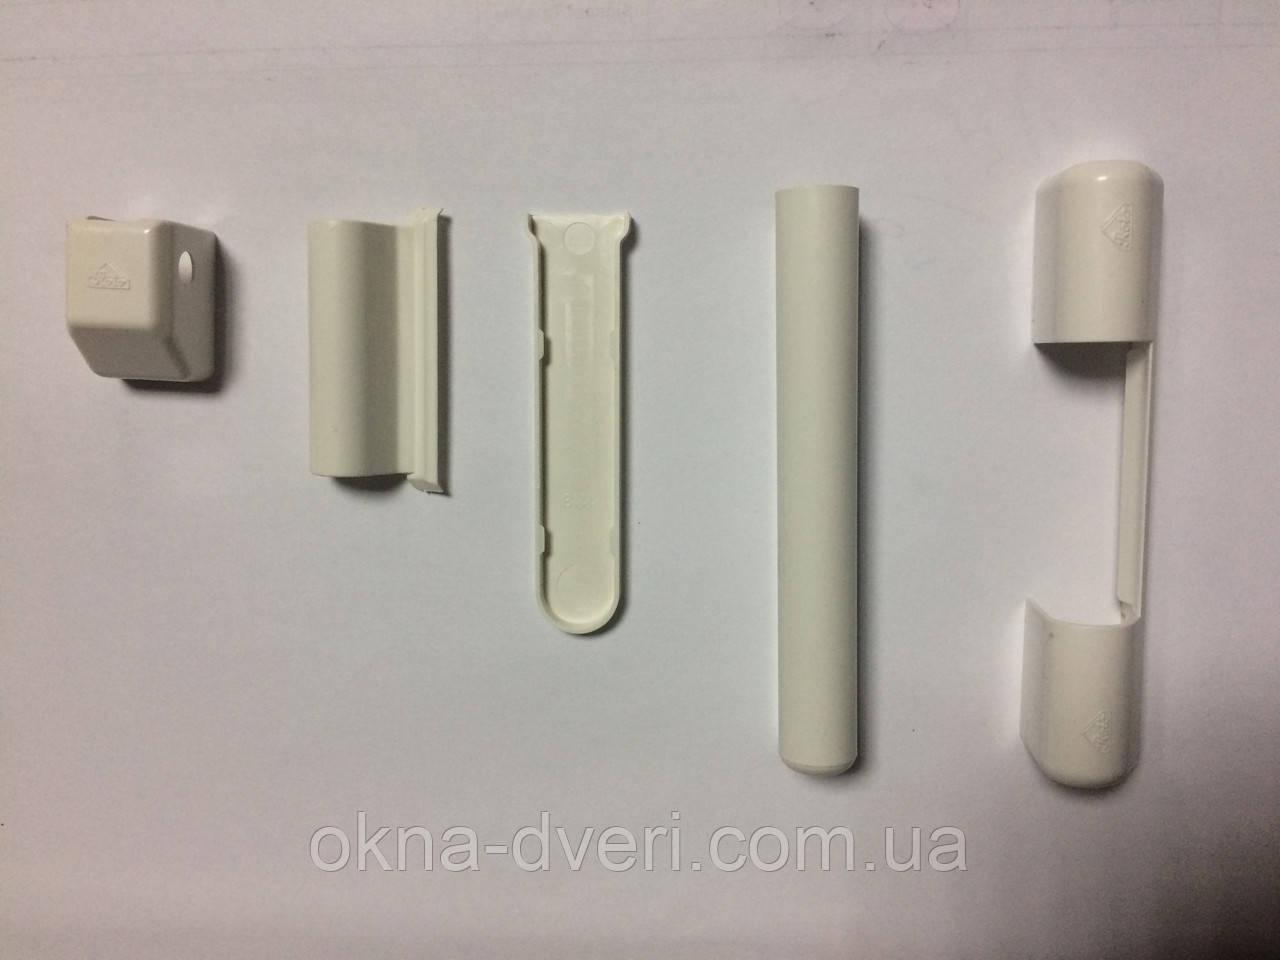 Накладки на віконні петлі фурнітура ROTO KSR колір білий